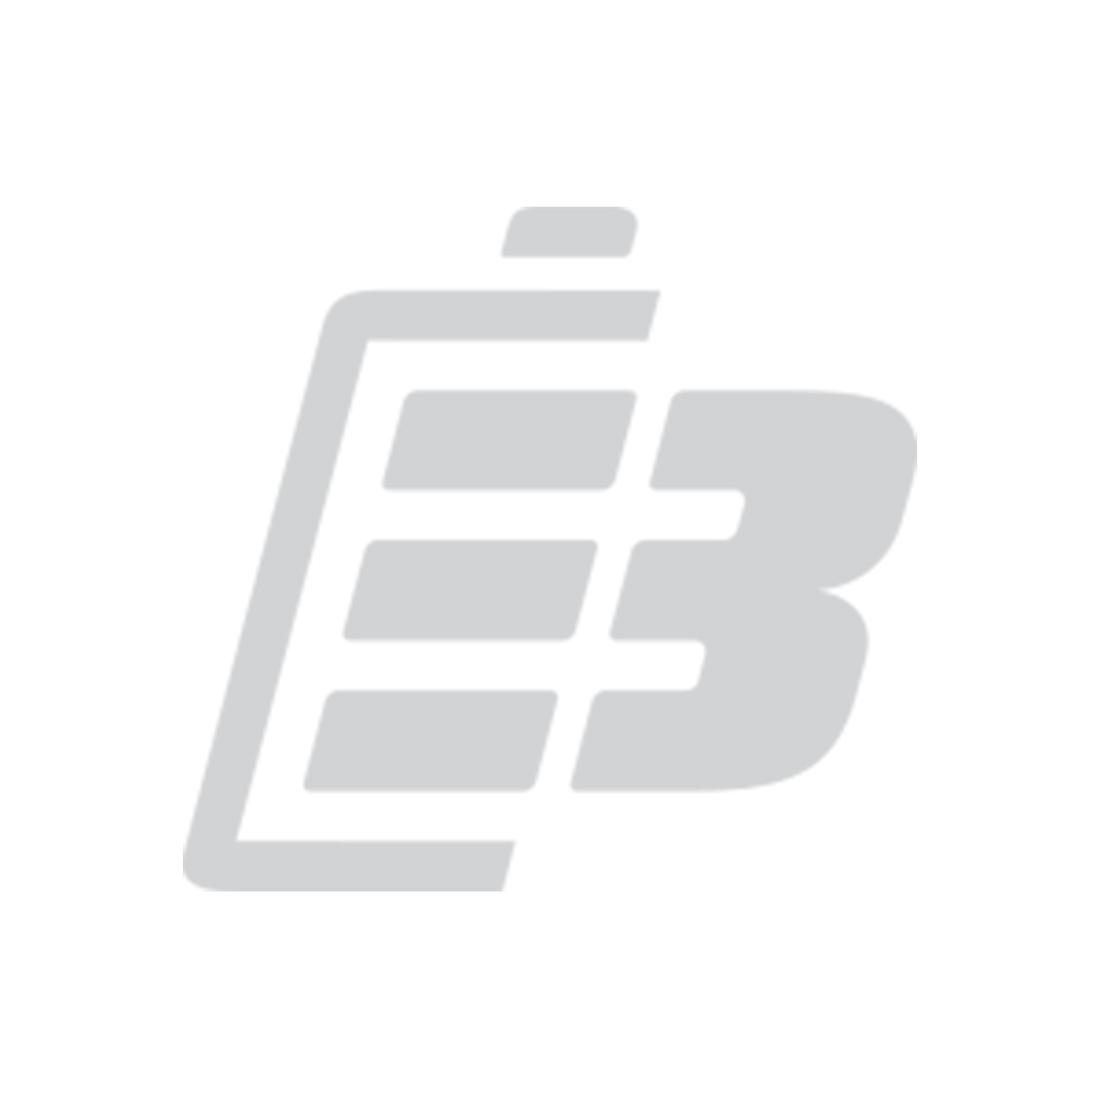 MP3 battery Apple iPod Mini 6GB_1